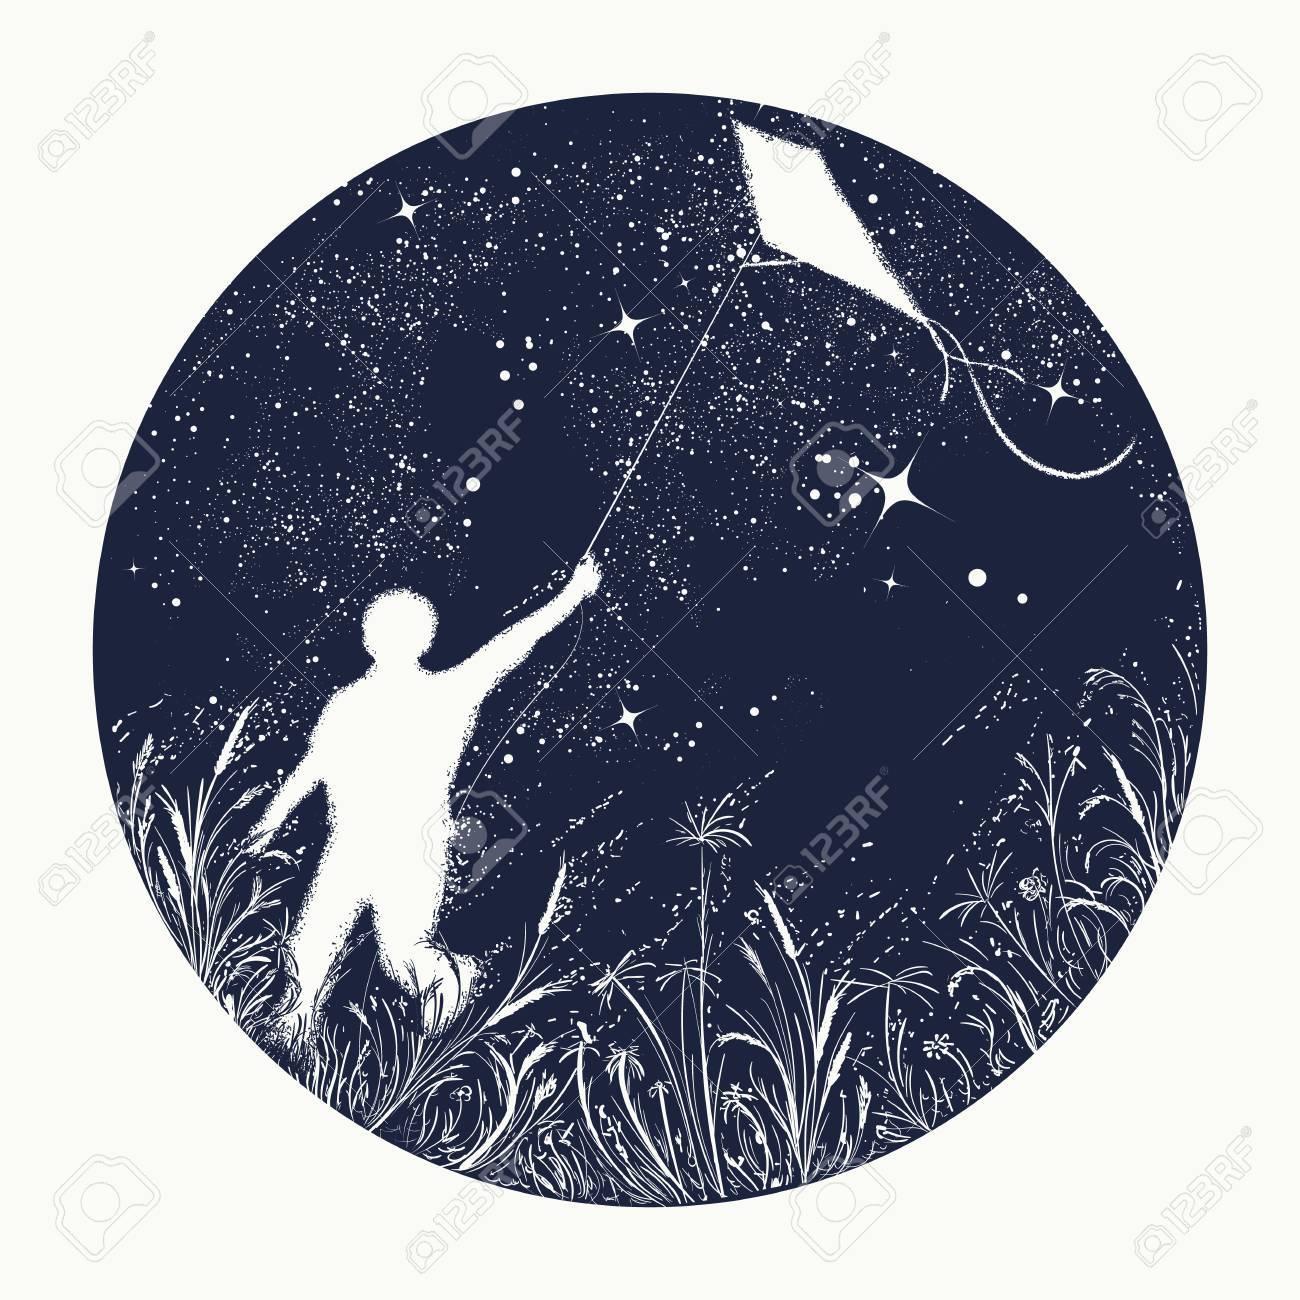 Garcon De Silhouette Faisant Voler Un Cerf Volant En Tatouage De Ciel Nocturne Symbole De Reve Bonheur Motivation Aspiration Liberte Garcon